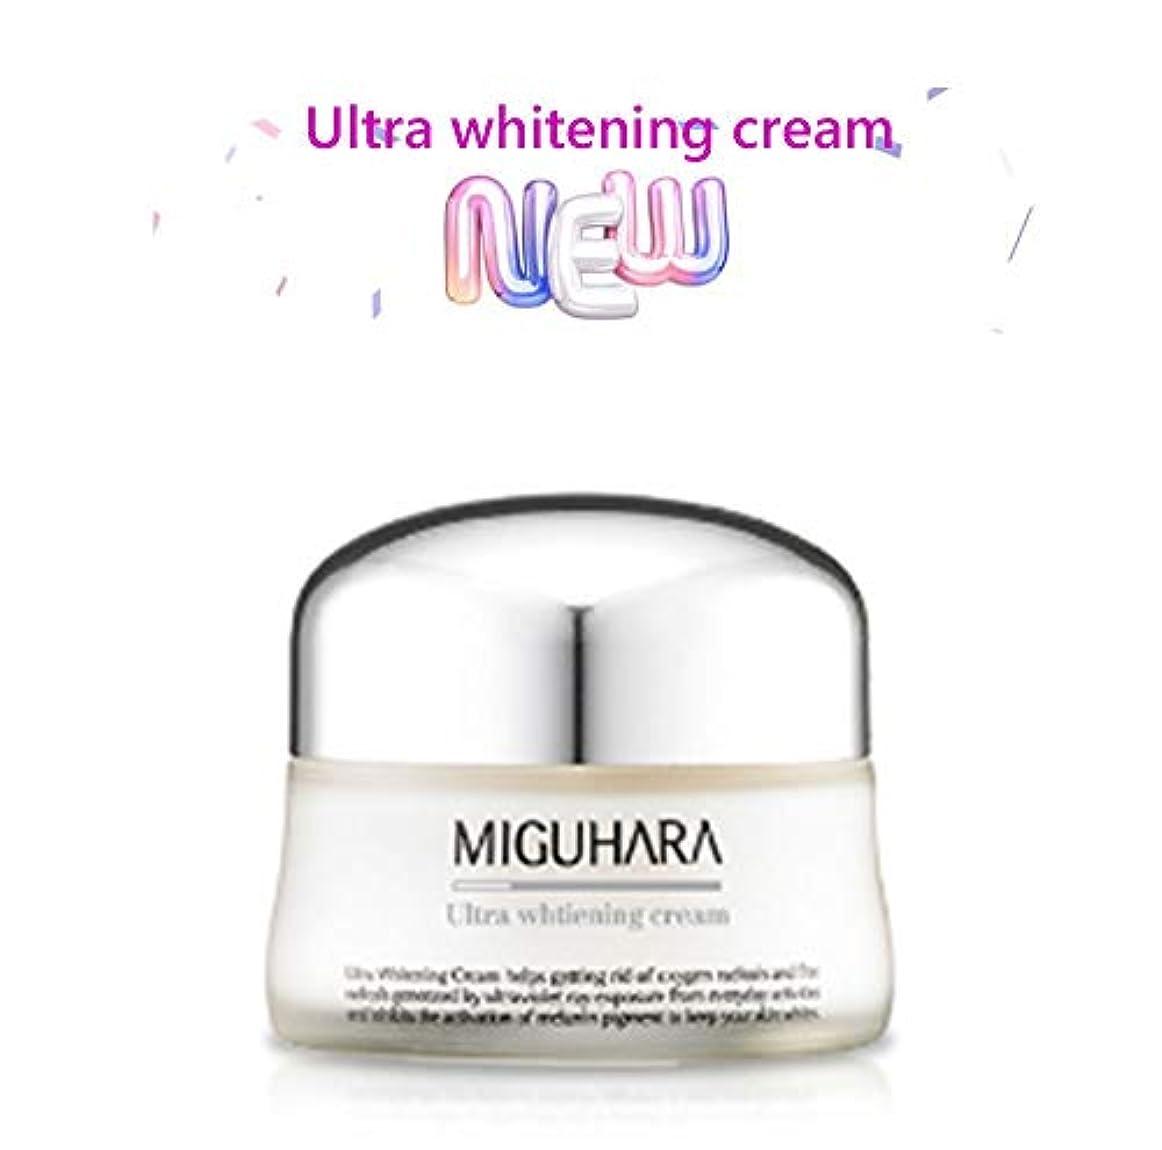 顧問ブランド許すMIGUHARA ウルトラホワイトニングクリーム 50ml /Ultra Whitening Cream 50ml